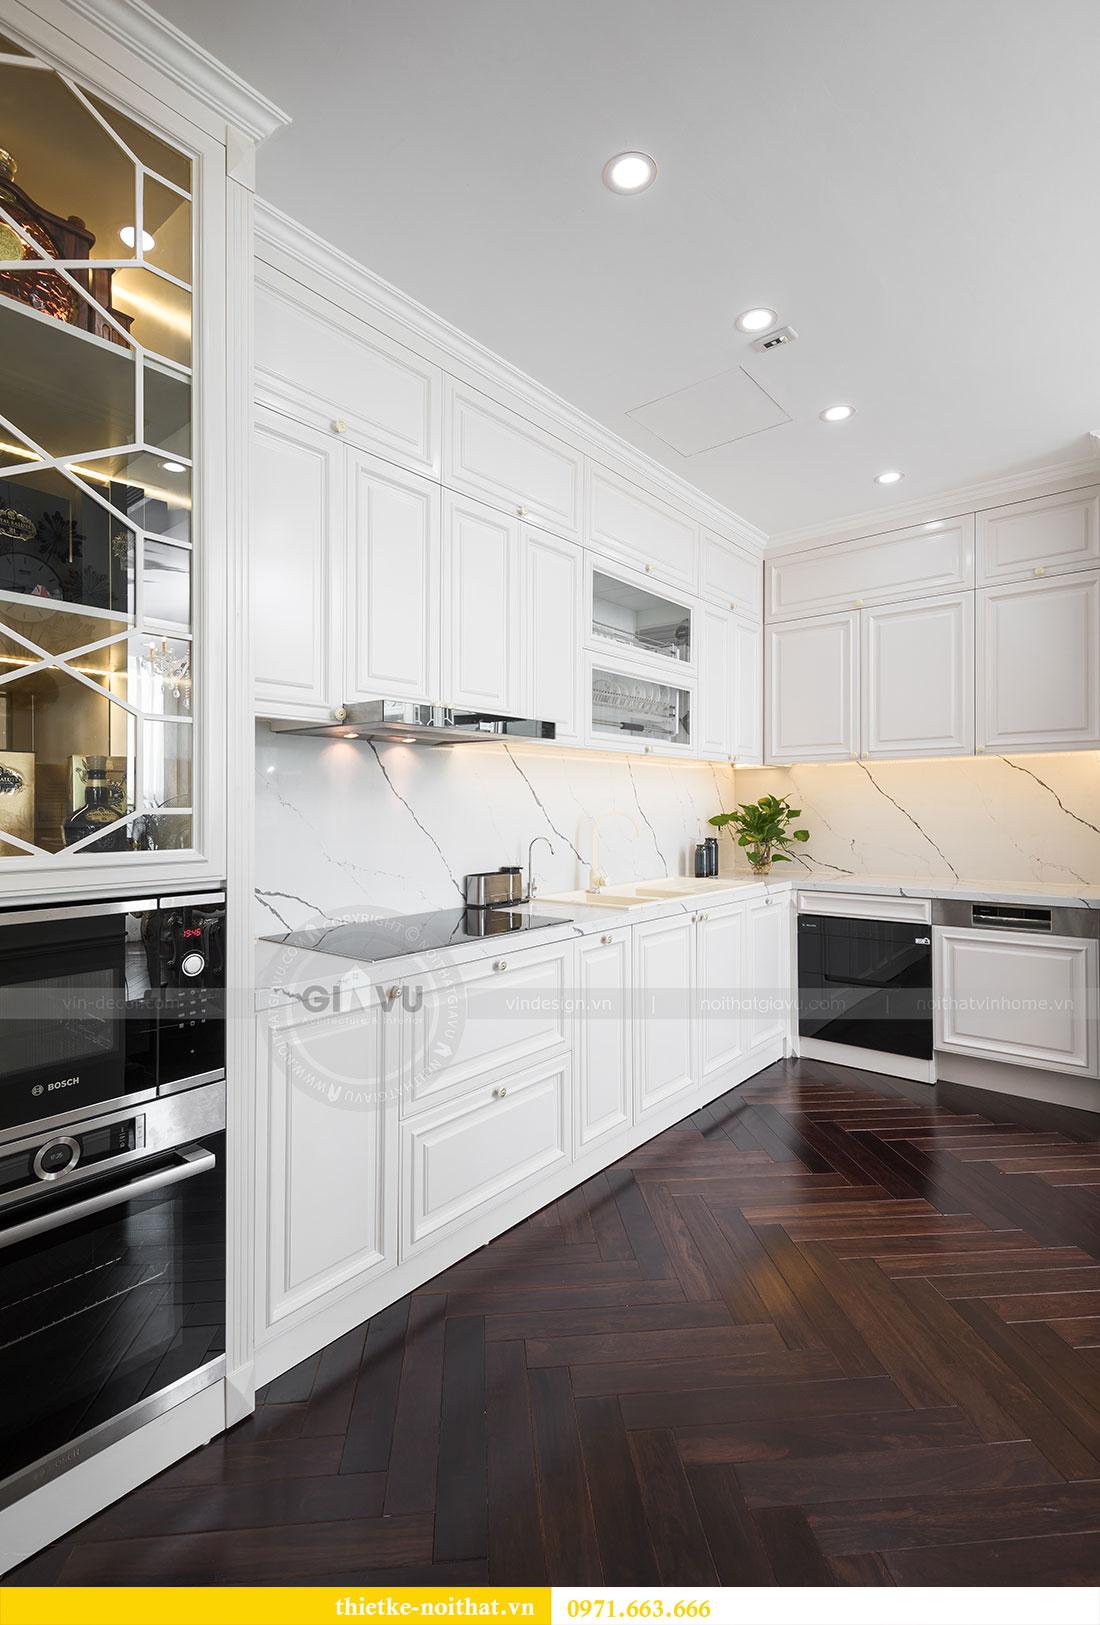 Ảnh chụp hoàn thiện nội thất chung cư cao cấp Vinhomes Green Bay 11